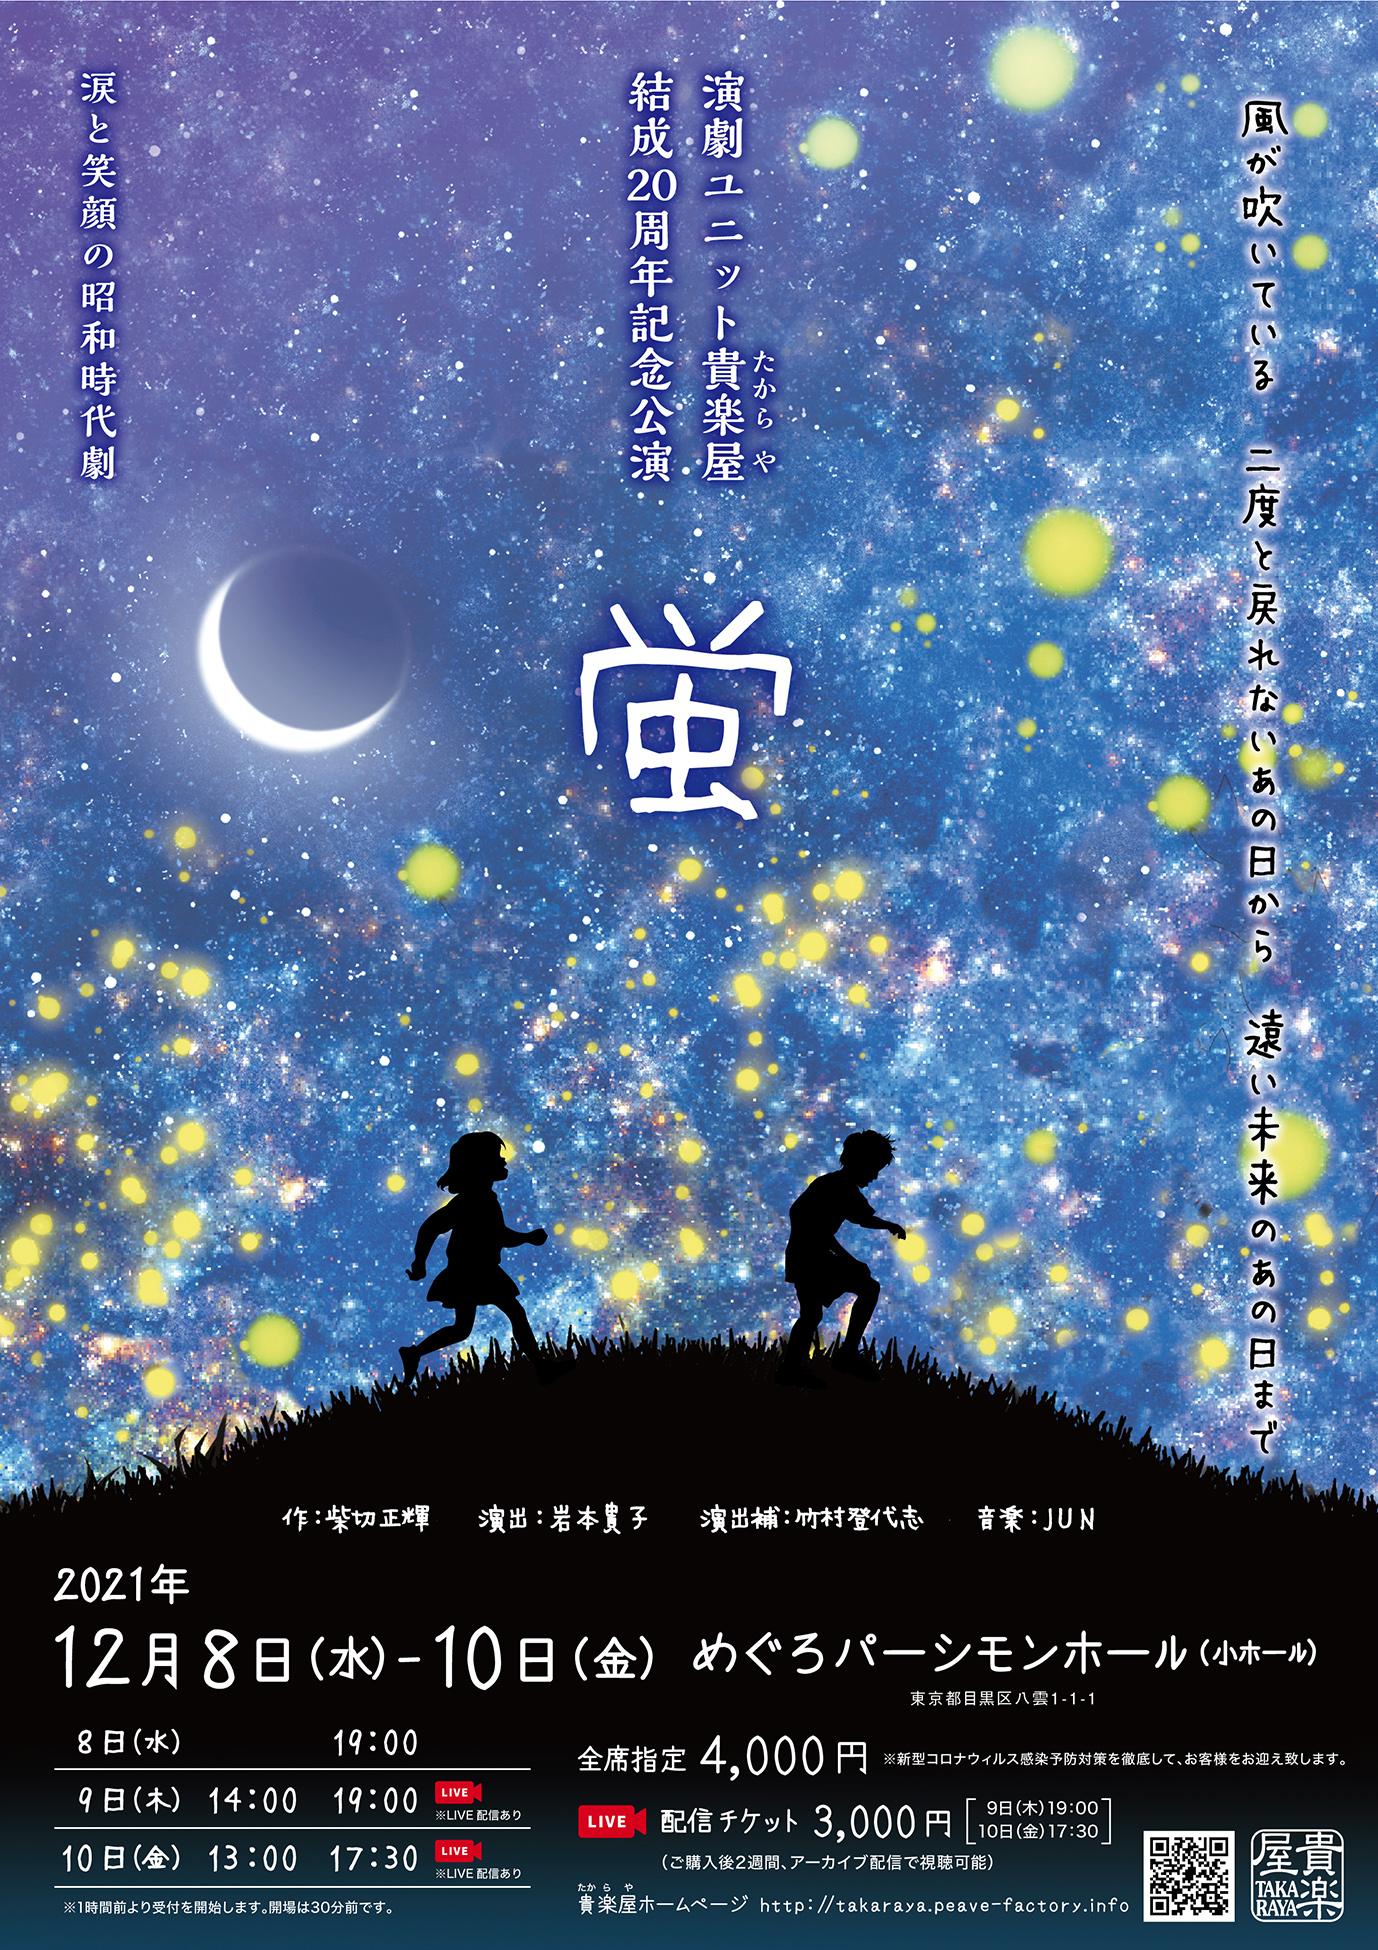 演劇ユニット貴楽屋「蛍」12/9 19:00